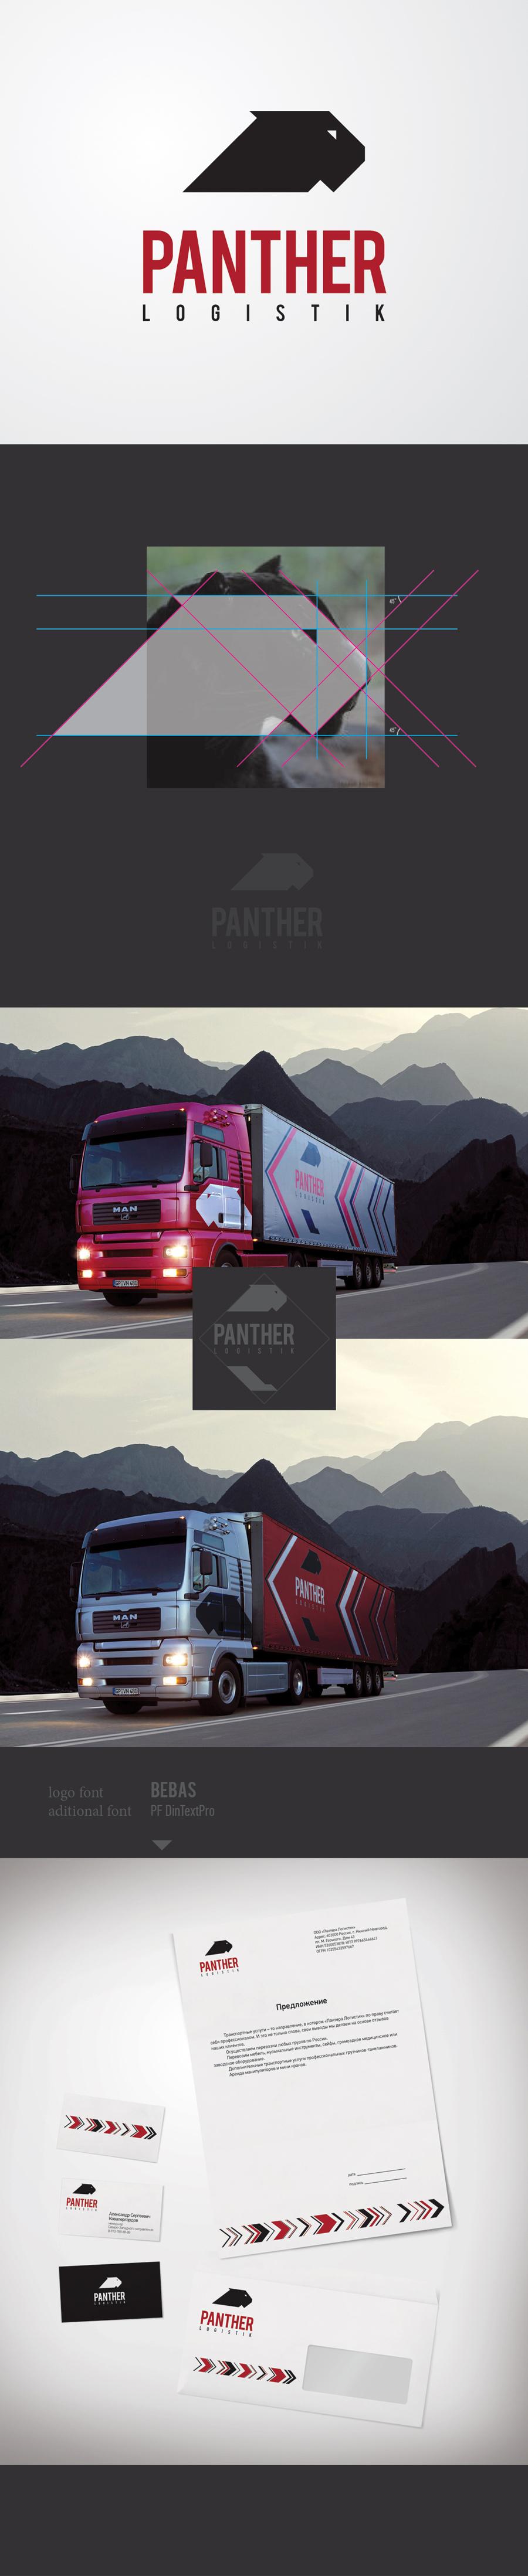 Panther Logistic (логистическая компания)